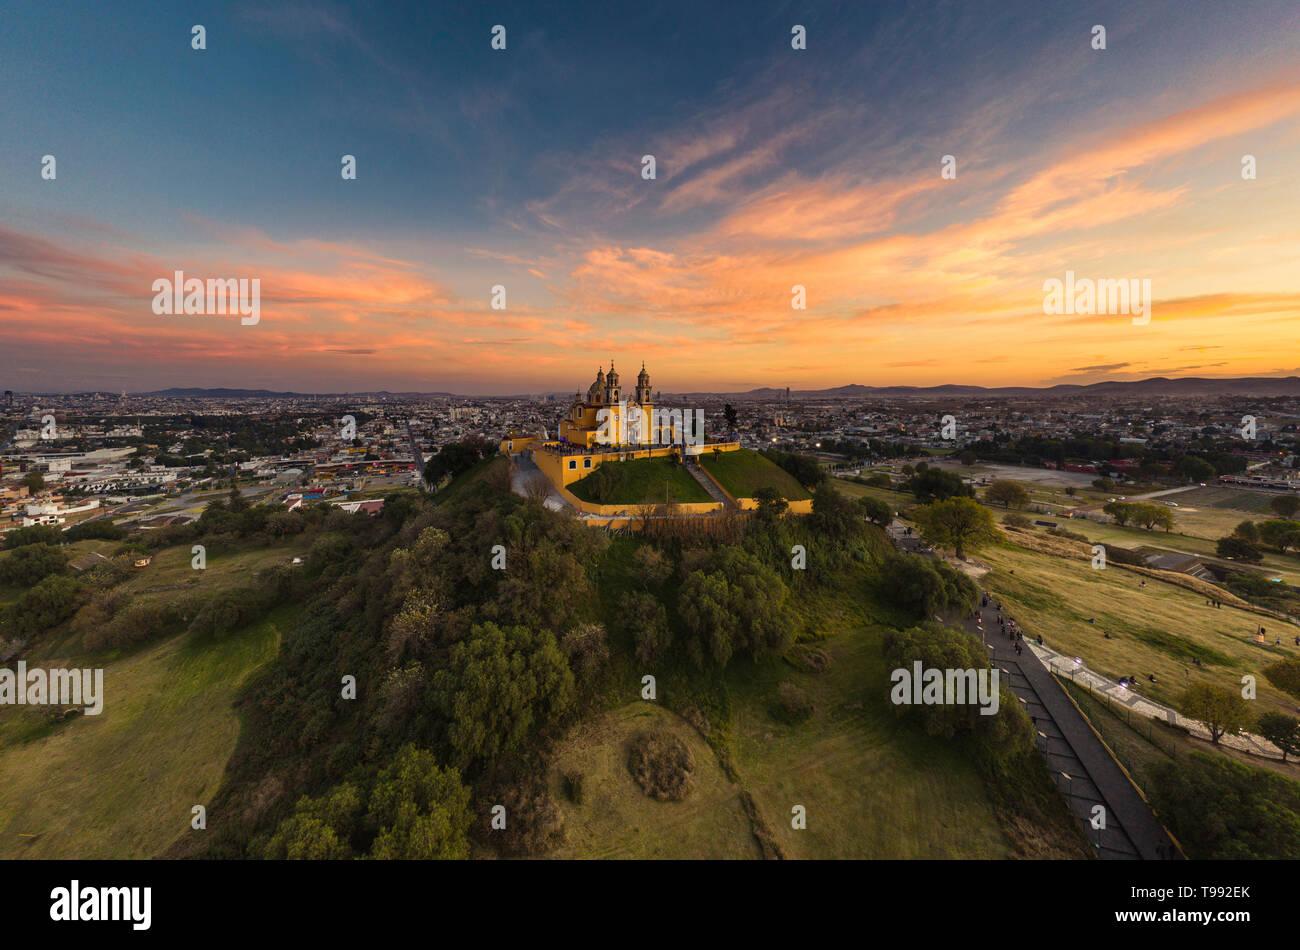 La grande pyramide de Cholula est la plus grande pyramide de Cholula, le monde de Rivadavia, Puebla, Mexique Banque D'Images